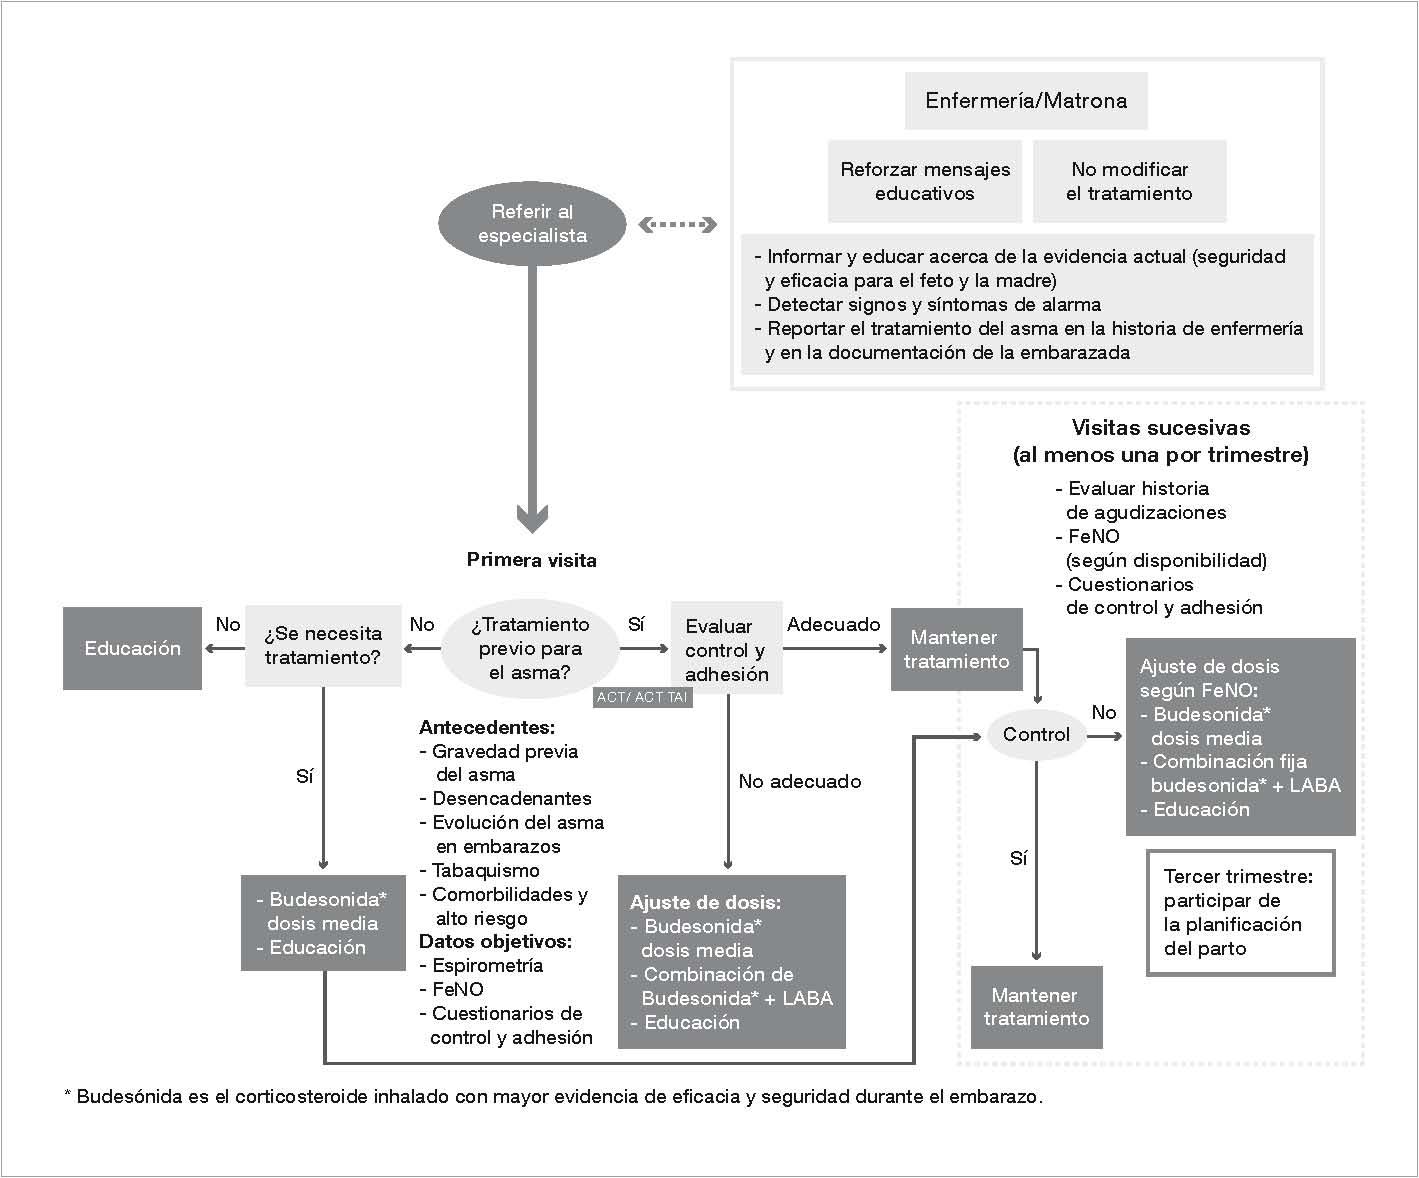 crisis asmática signos y sintomas de diabetes